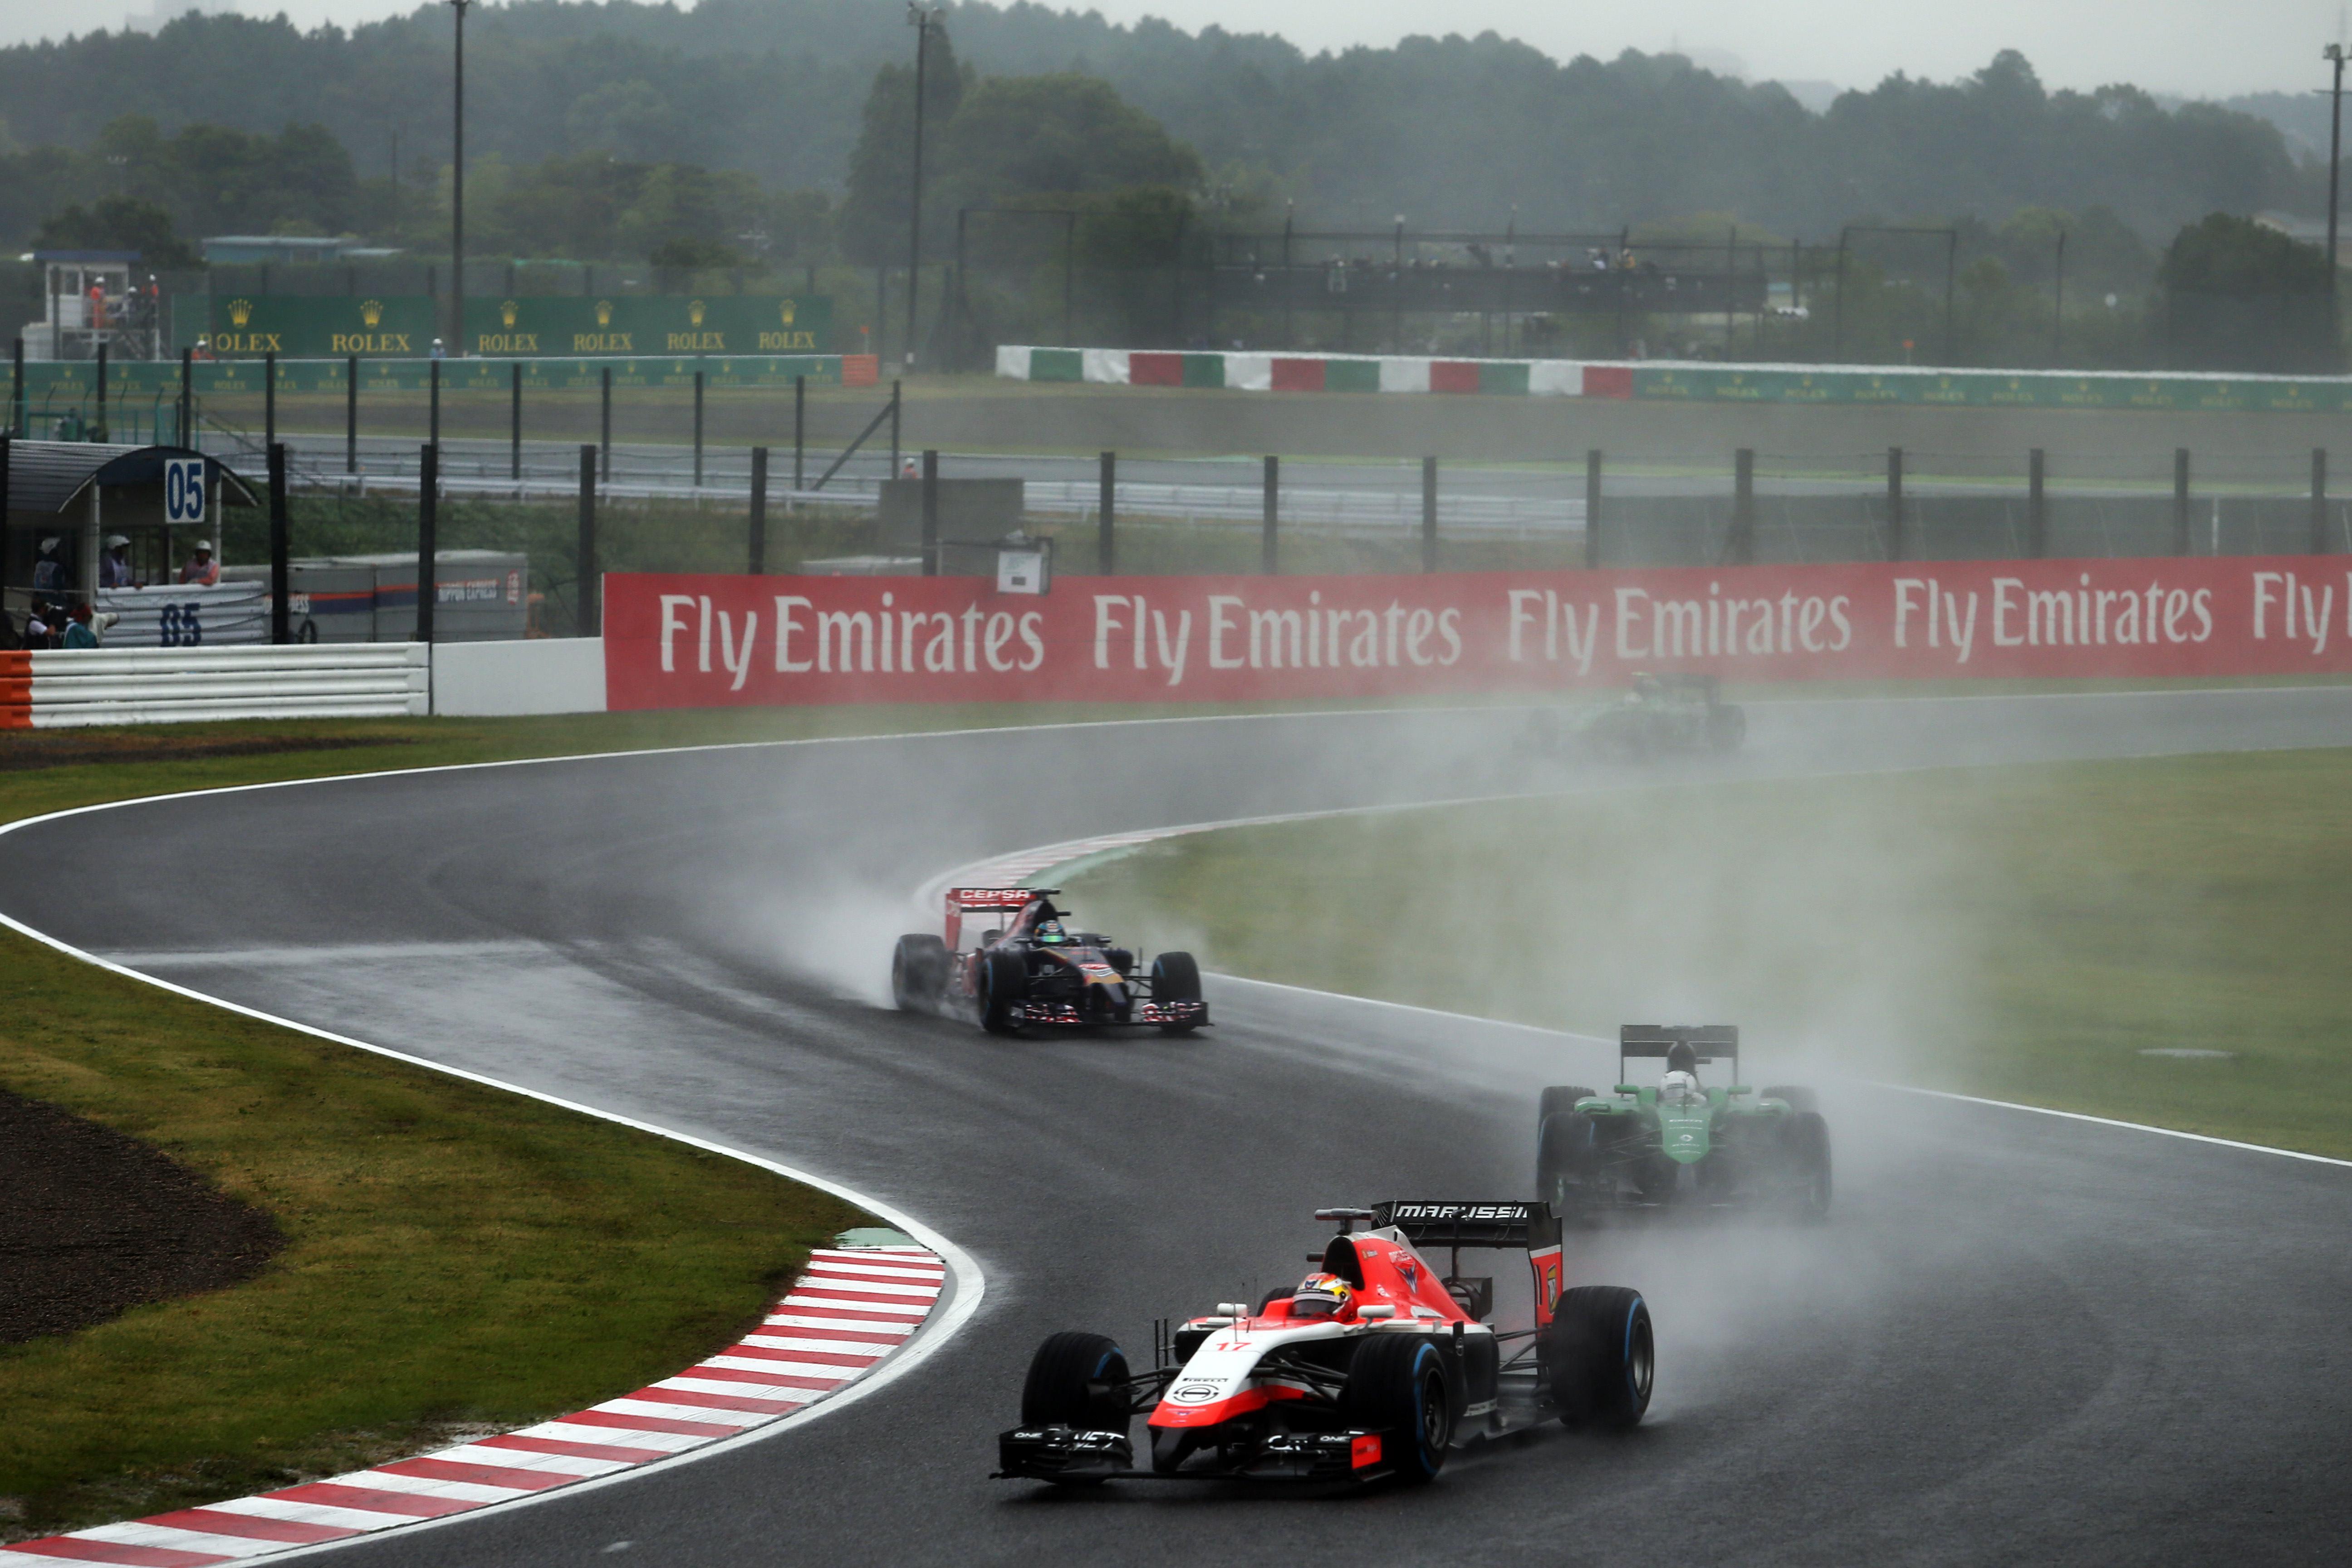 Le reazioni della F1 all'incidente di Jules Bianchi